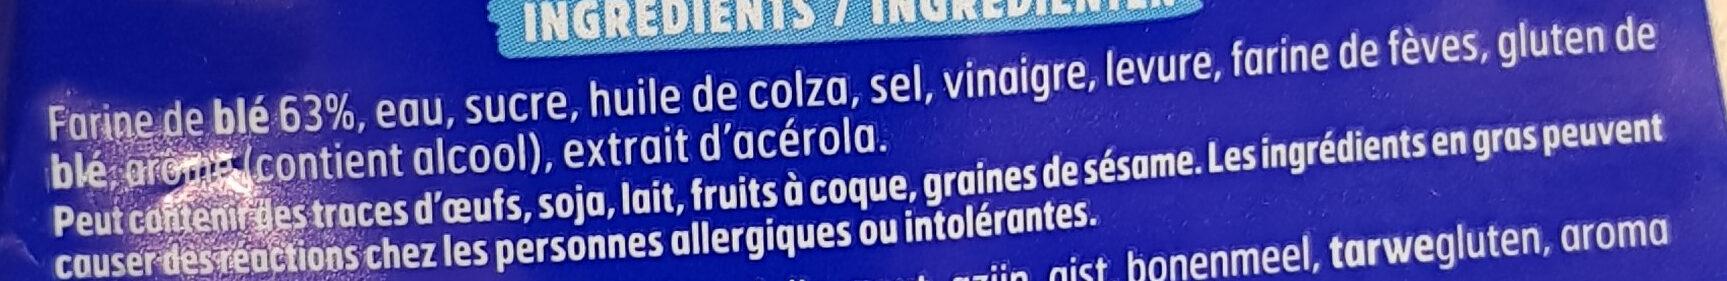 Pain 100% mie nature - Ingrediënten - fr